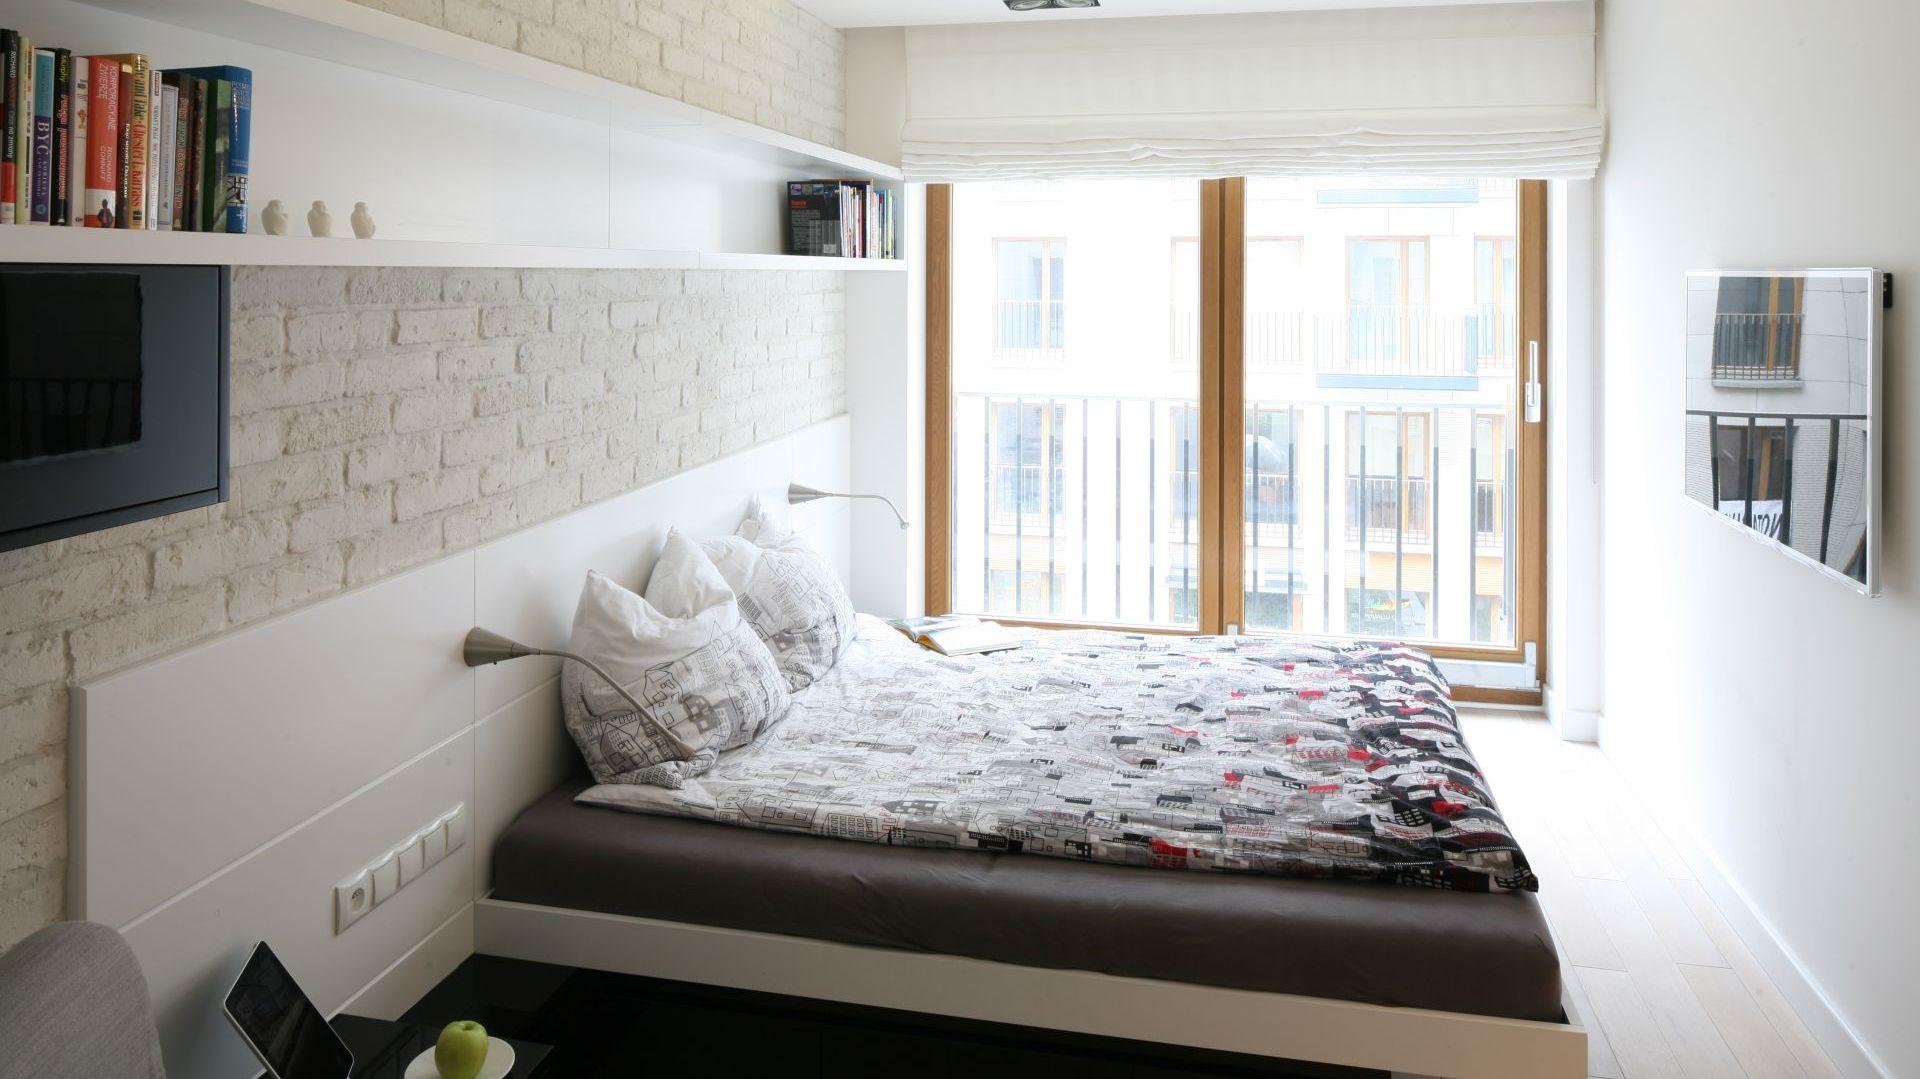 Nieduża sypialnia, która mieści w sobie wygodne łóżko wcale nie małych rozmiarów. Półki umieszczone na ścianie pozwalają na przechowywanie książek czy też płyt, ale nie zabierają przestrzeni z pokoju. Proj.Hola Design. Fot.Bartosz Jarosz